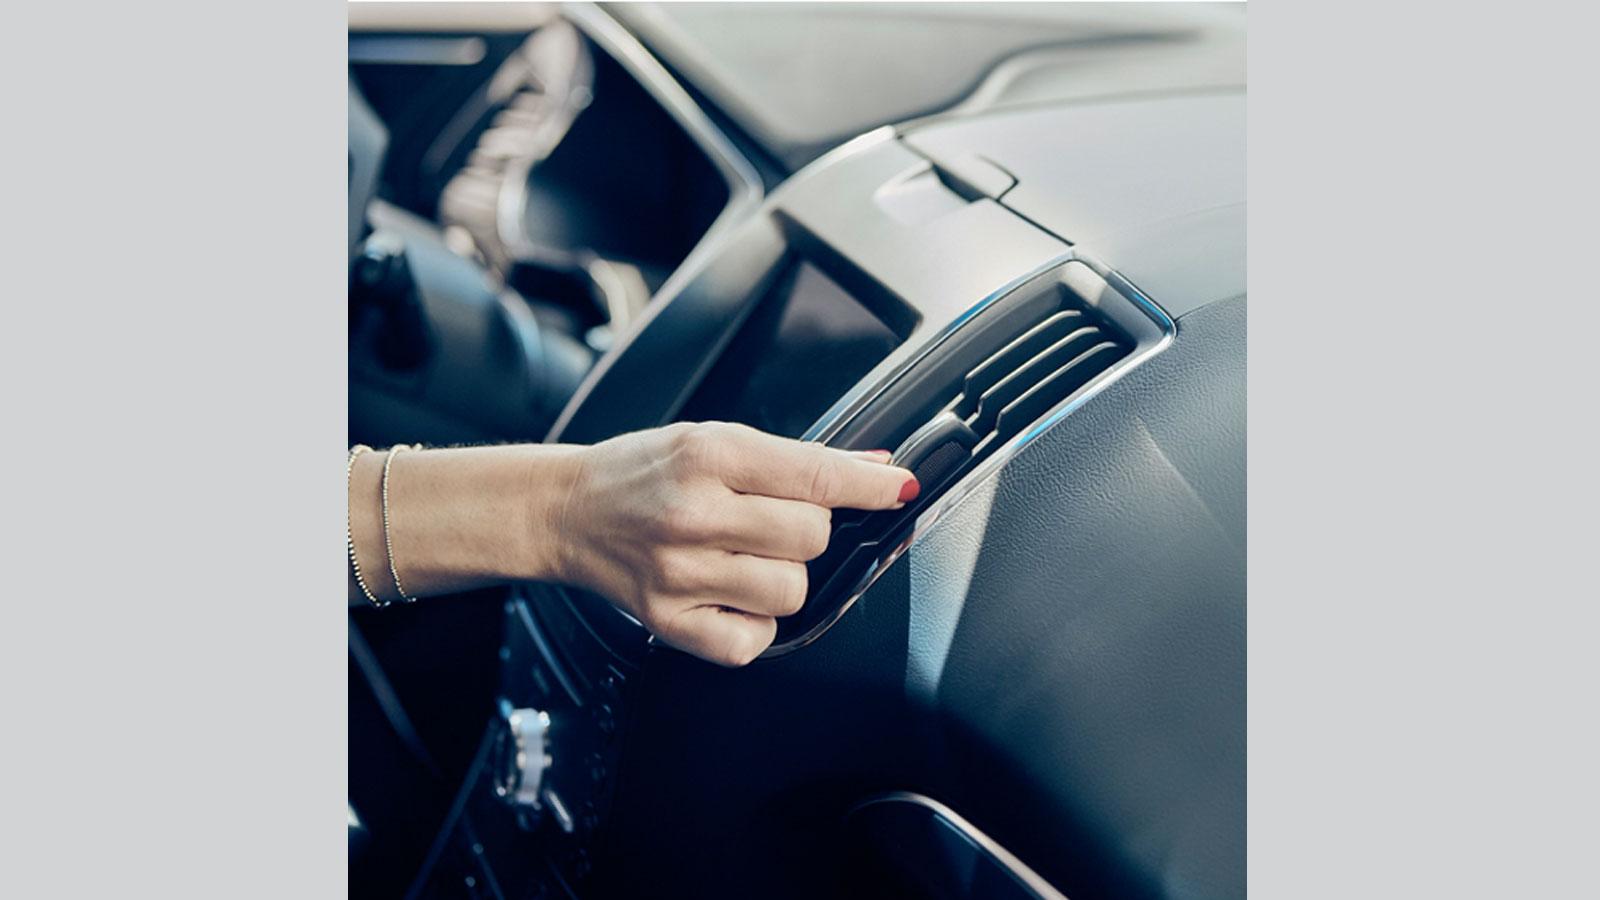 Πείτε «αντίο» σε αλλεργίες και ζέστη και νιώστε τη μοναδική αίσθηση φρεσκάδας και ευεξίας στο εσωτερικό του αυτοκινήτου μετά από έναν πλήρη καθαρισμό και συντήρηση του κλιματιστικού